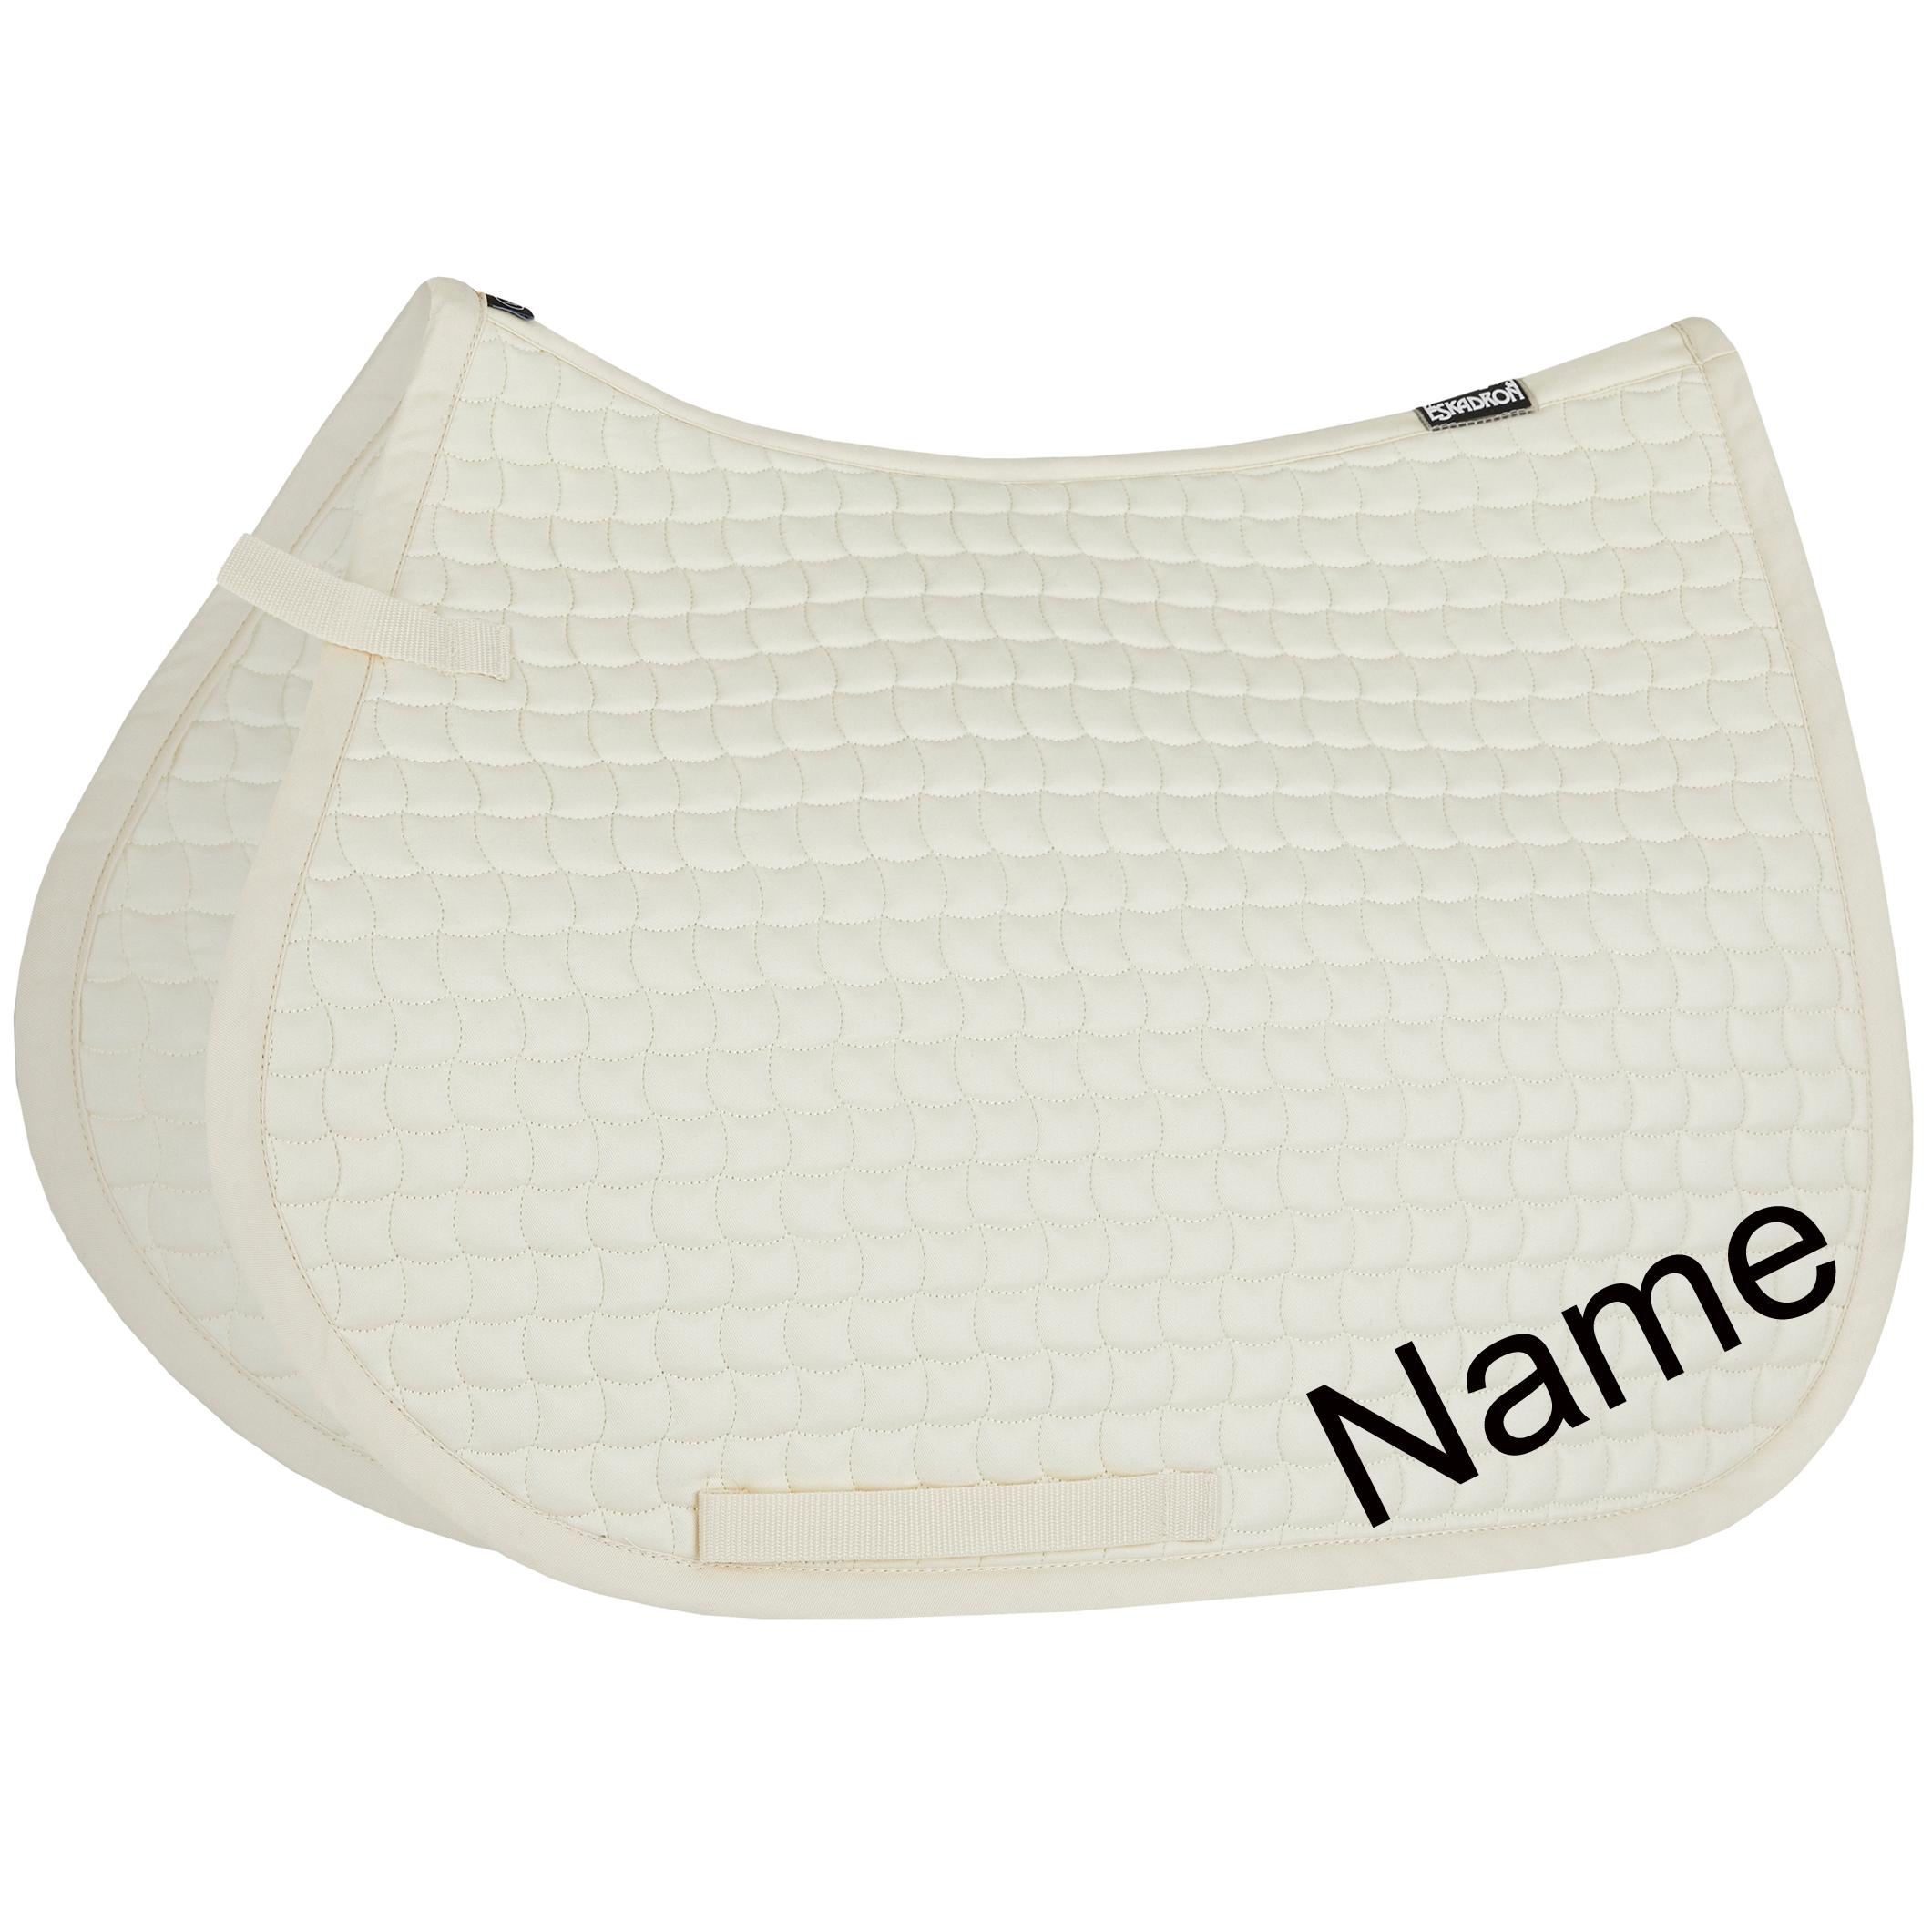 ESKADRON creme Cotton VS-Schabracke mit individuellem Namen bestickt